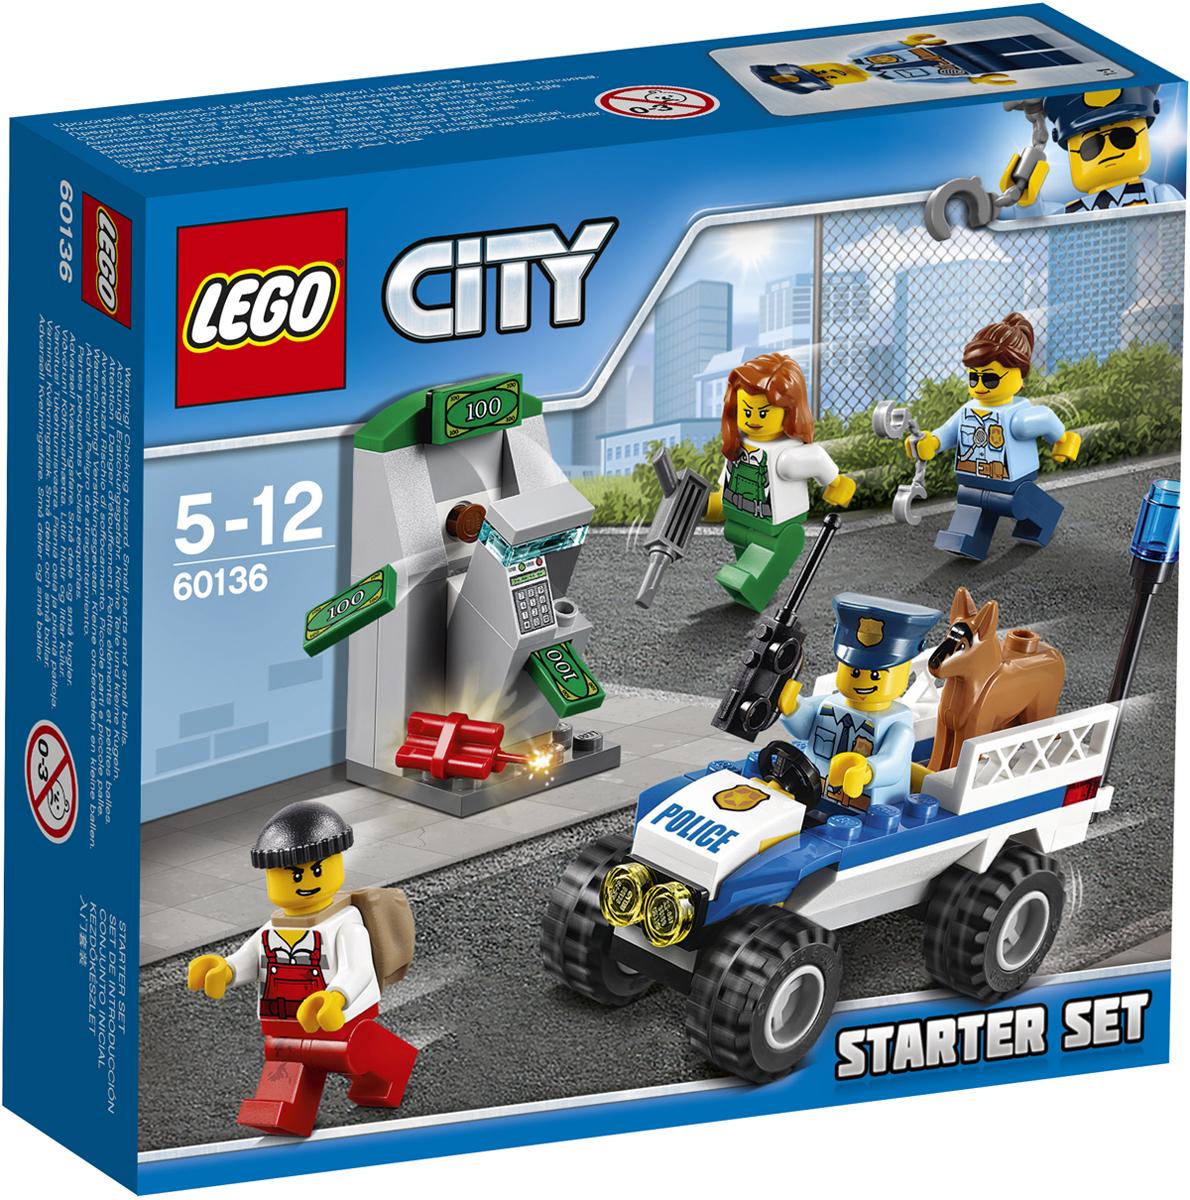 LEGO City Конструктор Полиция Стартовый набор 6013660136Используйте полицейскую рацию и вызовите группу поддержки! Воры только что с помощью динамита взорвали стену, к которой крепился банкомат, и теперь пытаются взломать его отбойным молотком! Прыгайте за руль полицейского квадроцикла и мчитесь на место преступления с полицейской собакой, которая поможет полицейским арестовать воришек. Работать в полиции LEGO City всегда интересно! Набор включает в себя 80 разноцветных пластиковых элементов. Конструктор - это один из самых увлекательных и веселых способов времяпрепровождения. Ребенок сможет часами играть с конструктором, придумывая различные ситуации и истории.